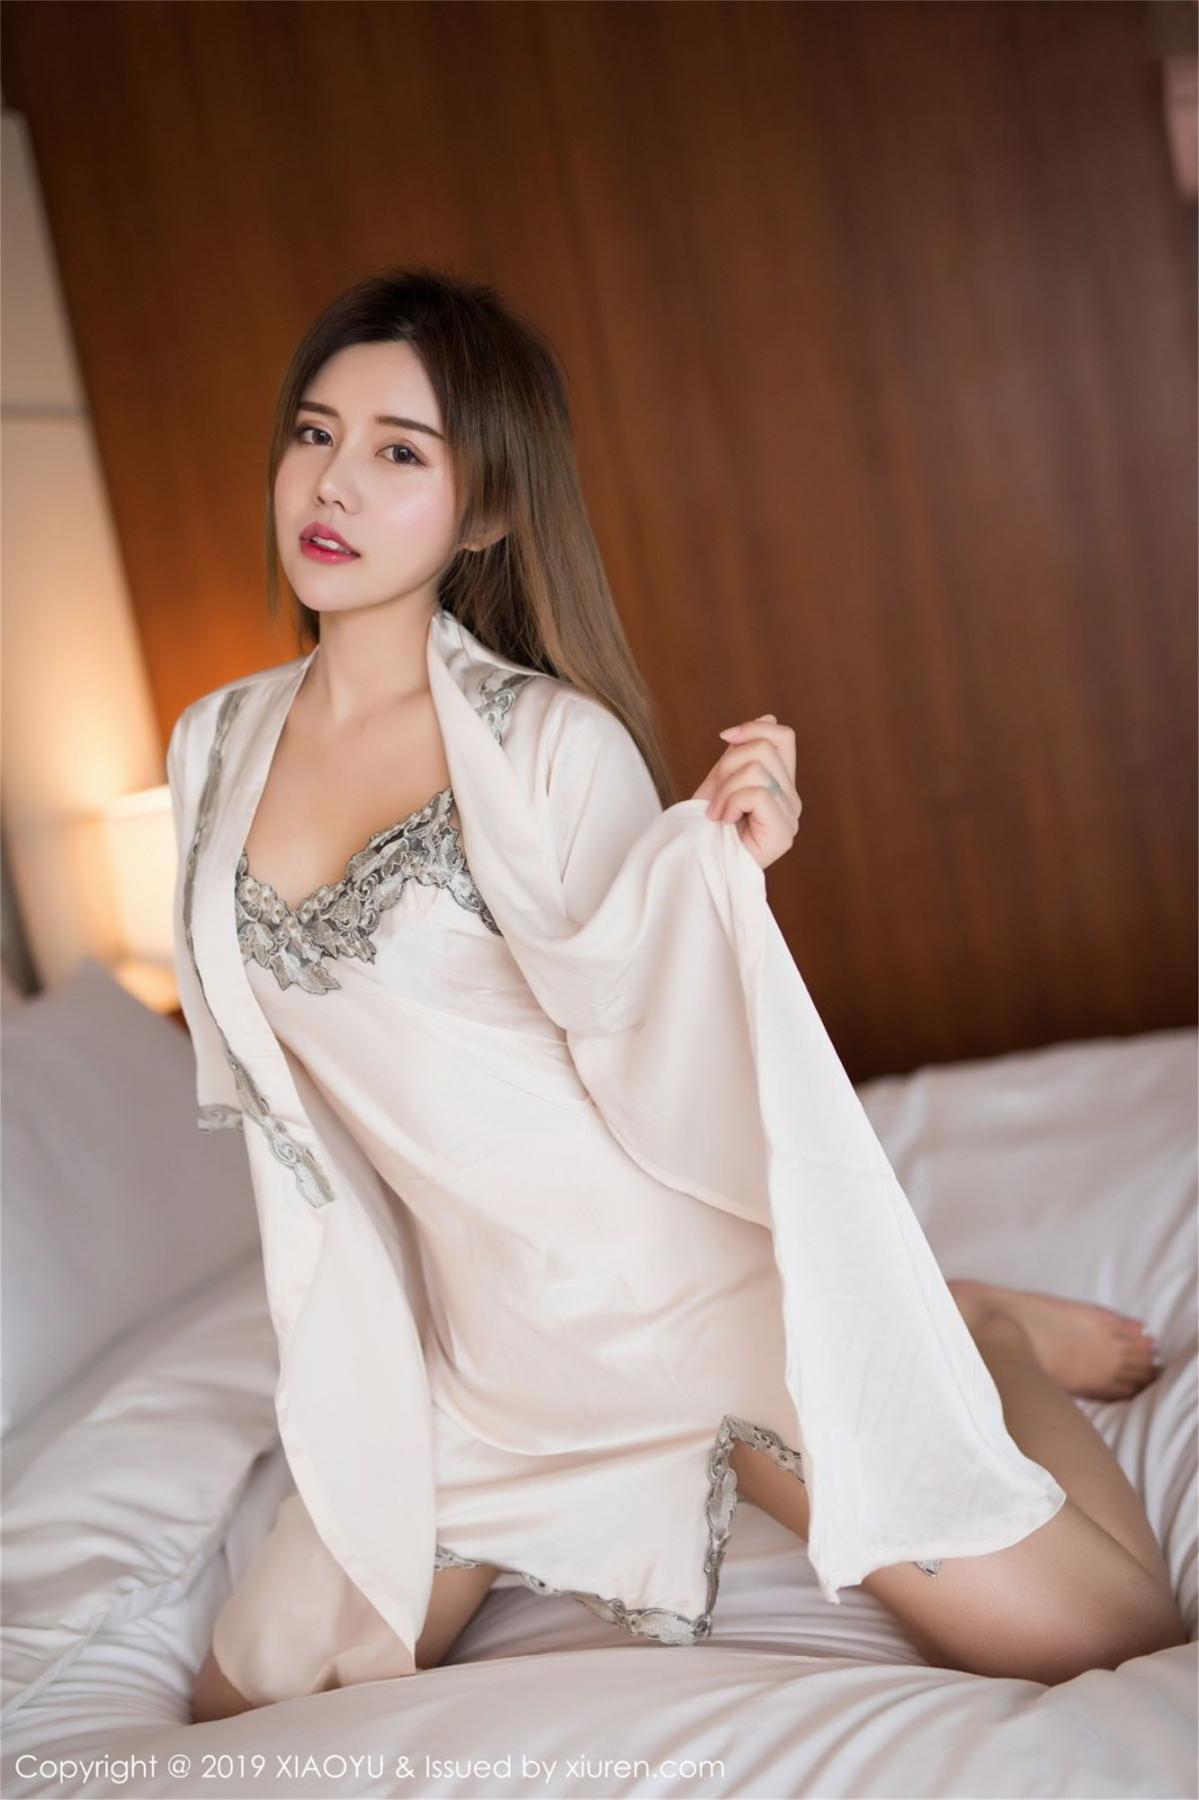 [XiaoYu] Vol.093 Zhuo Ya Qi 49P, Underwear, XiaoYu, Zhuo Ya Qi